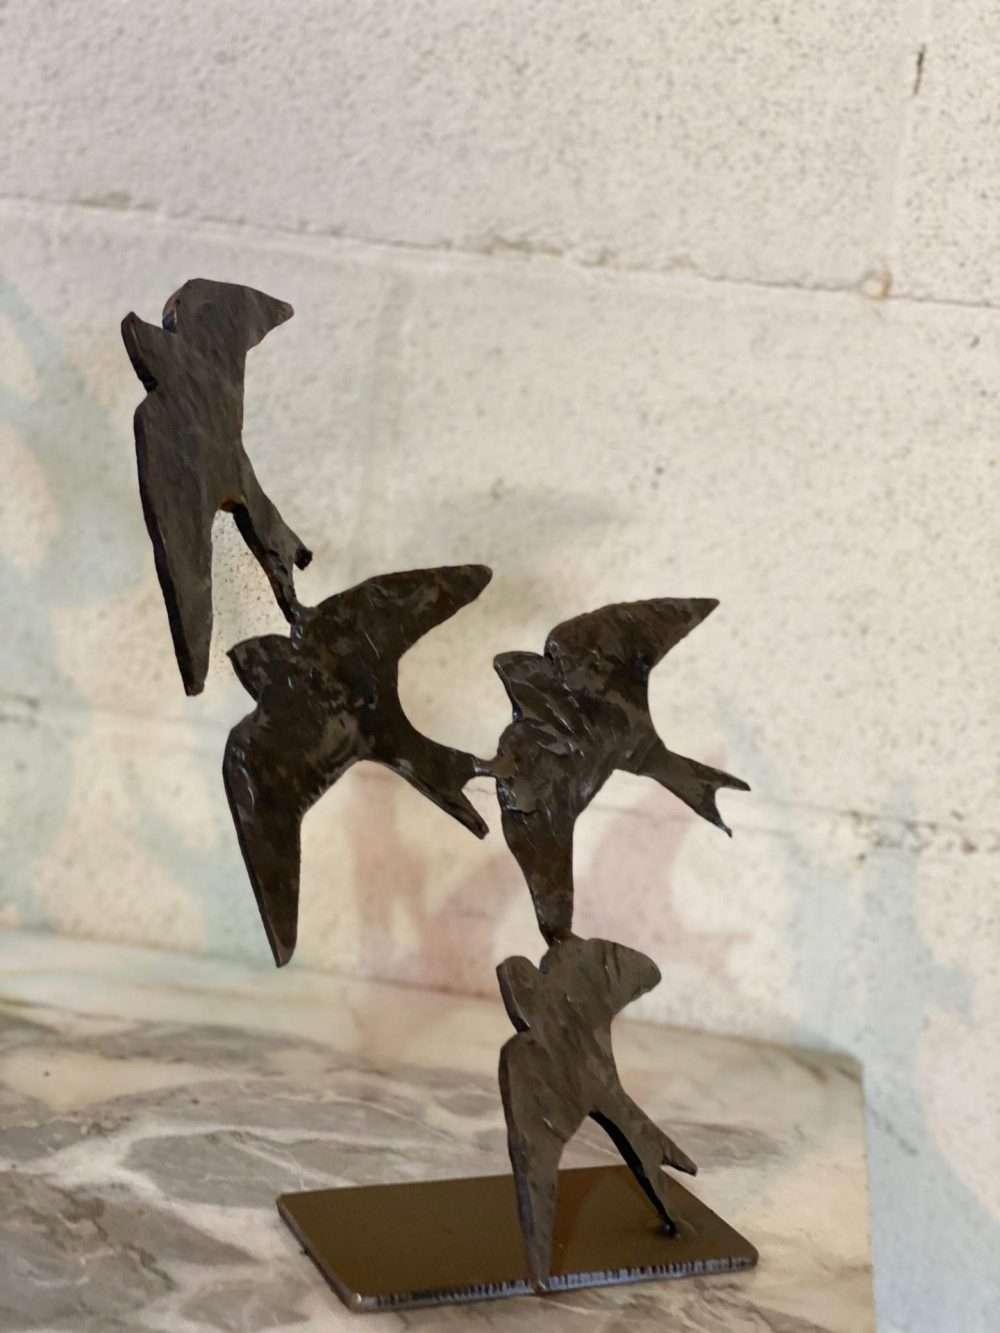 4 Swifts in Flight Sculpture